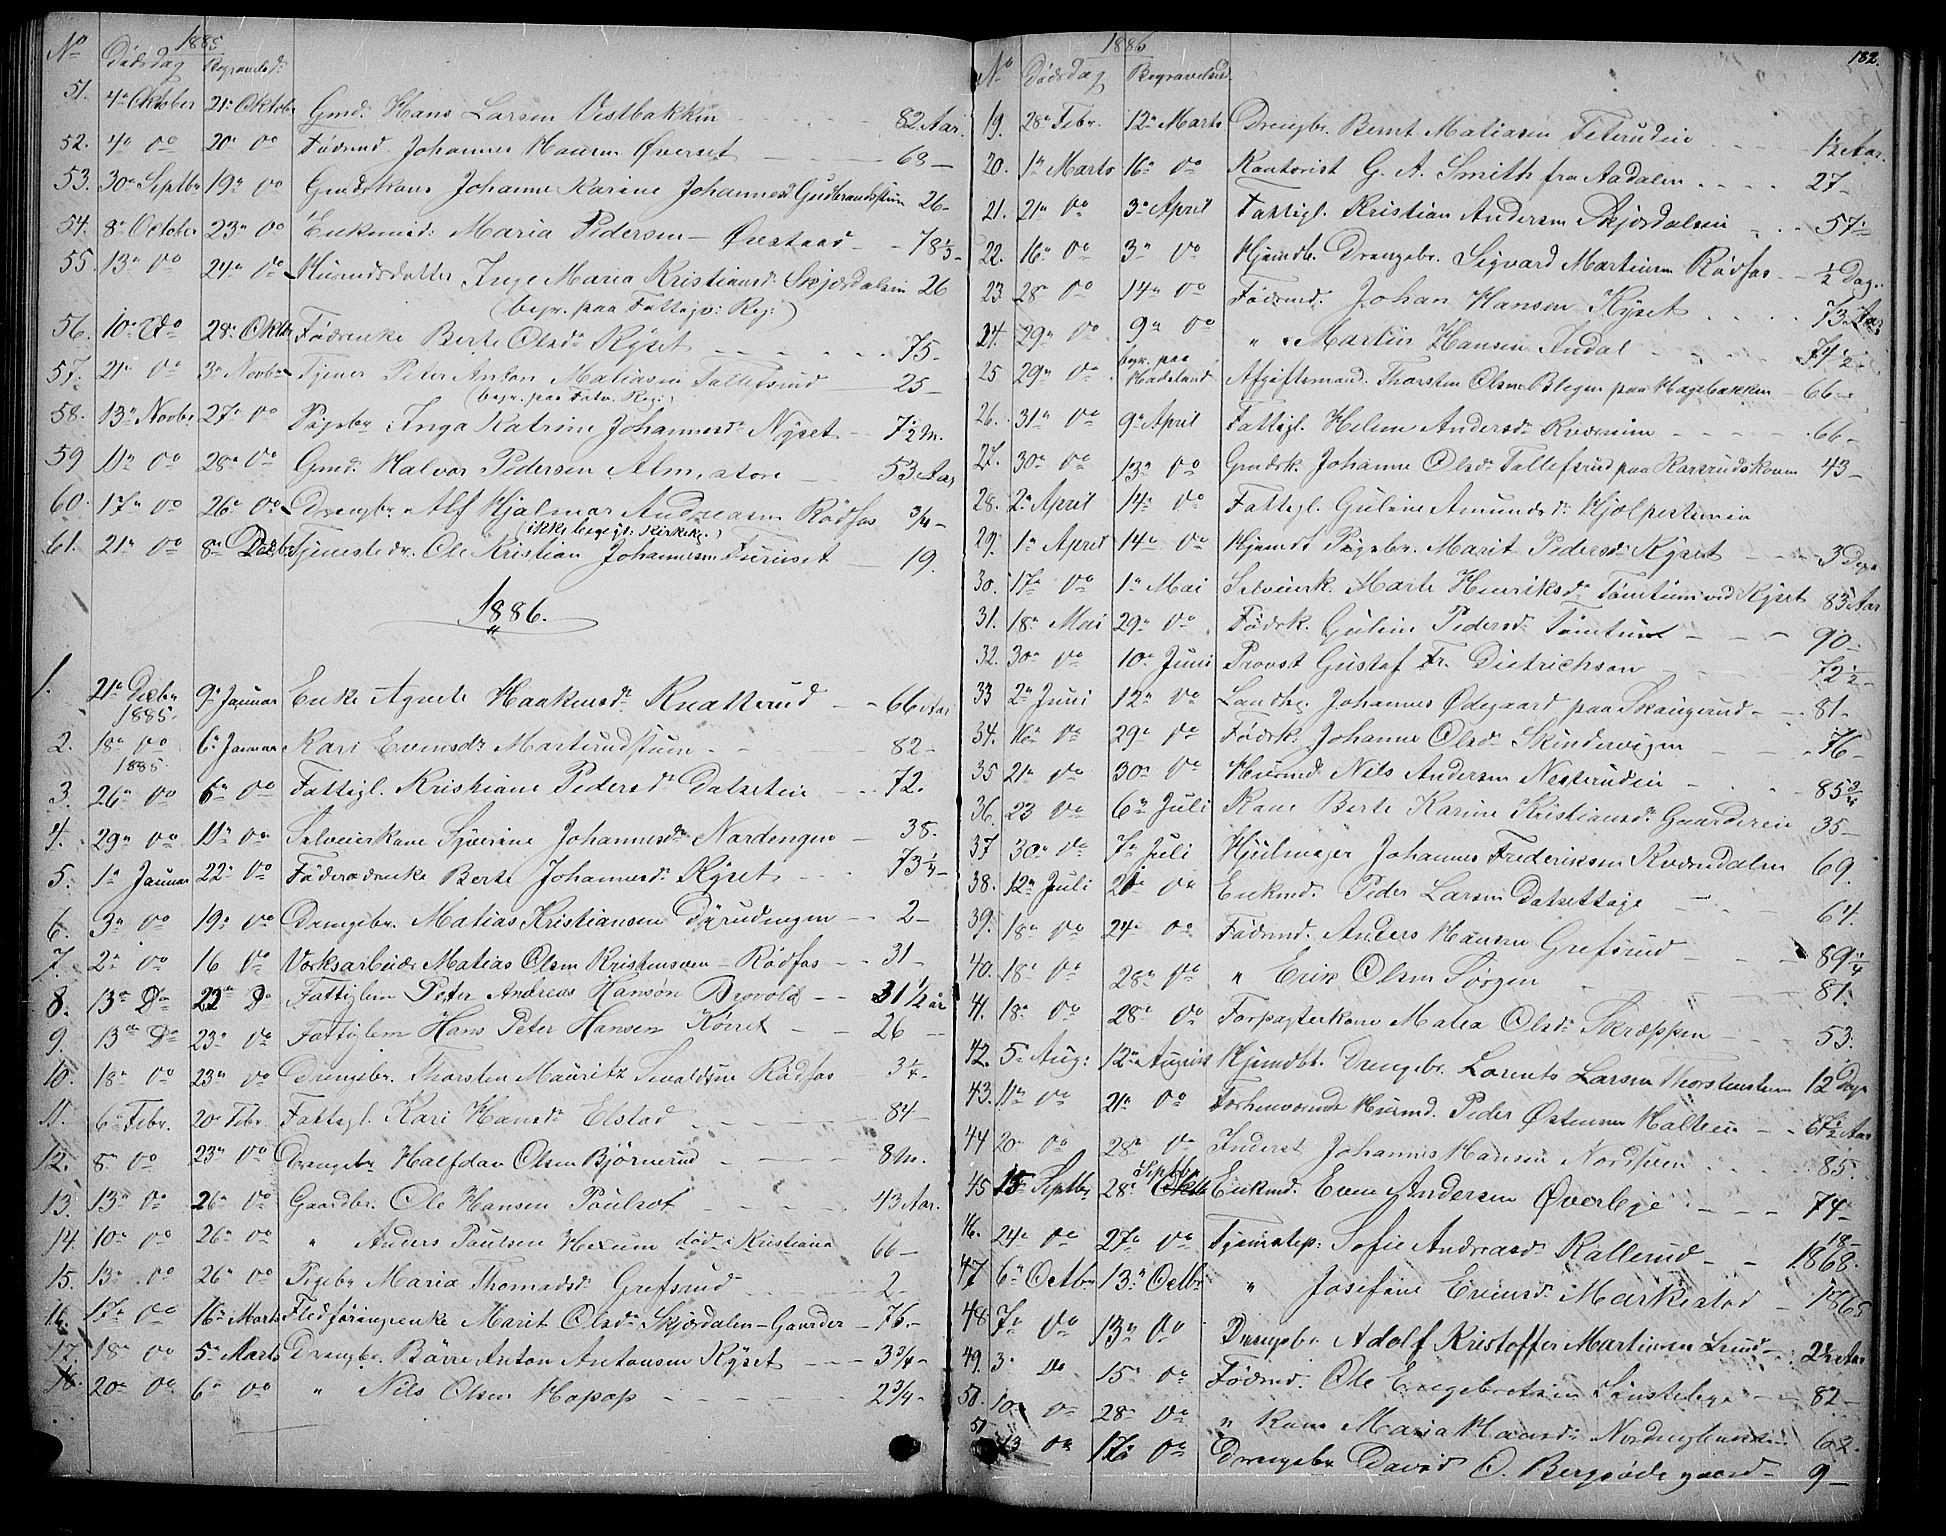 SAH, Vestre Toten prestekontor, H/Ha/Hab/L0006: Klokkerbok nr. 6, 1870-1887, s. 182